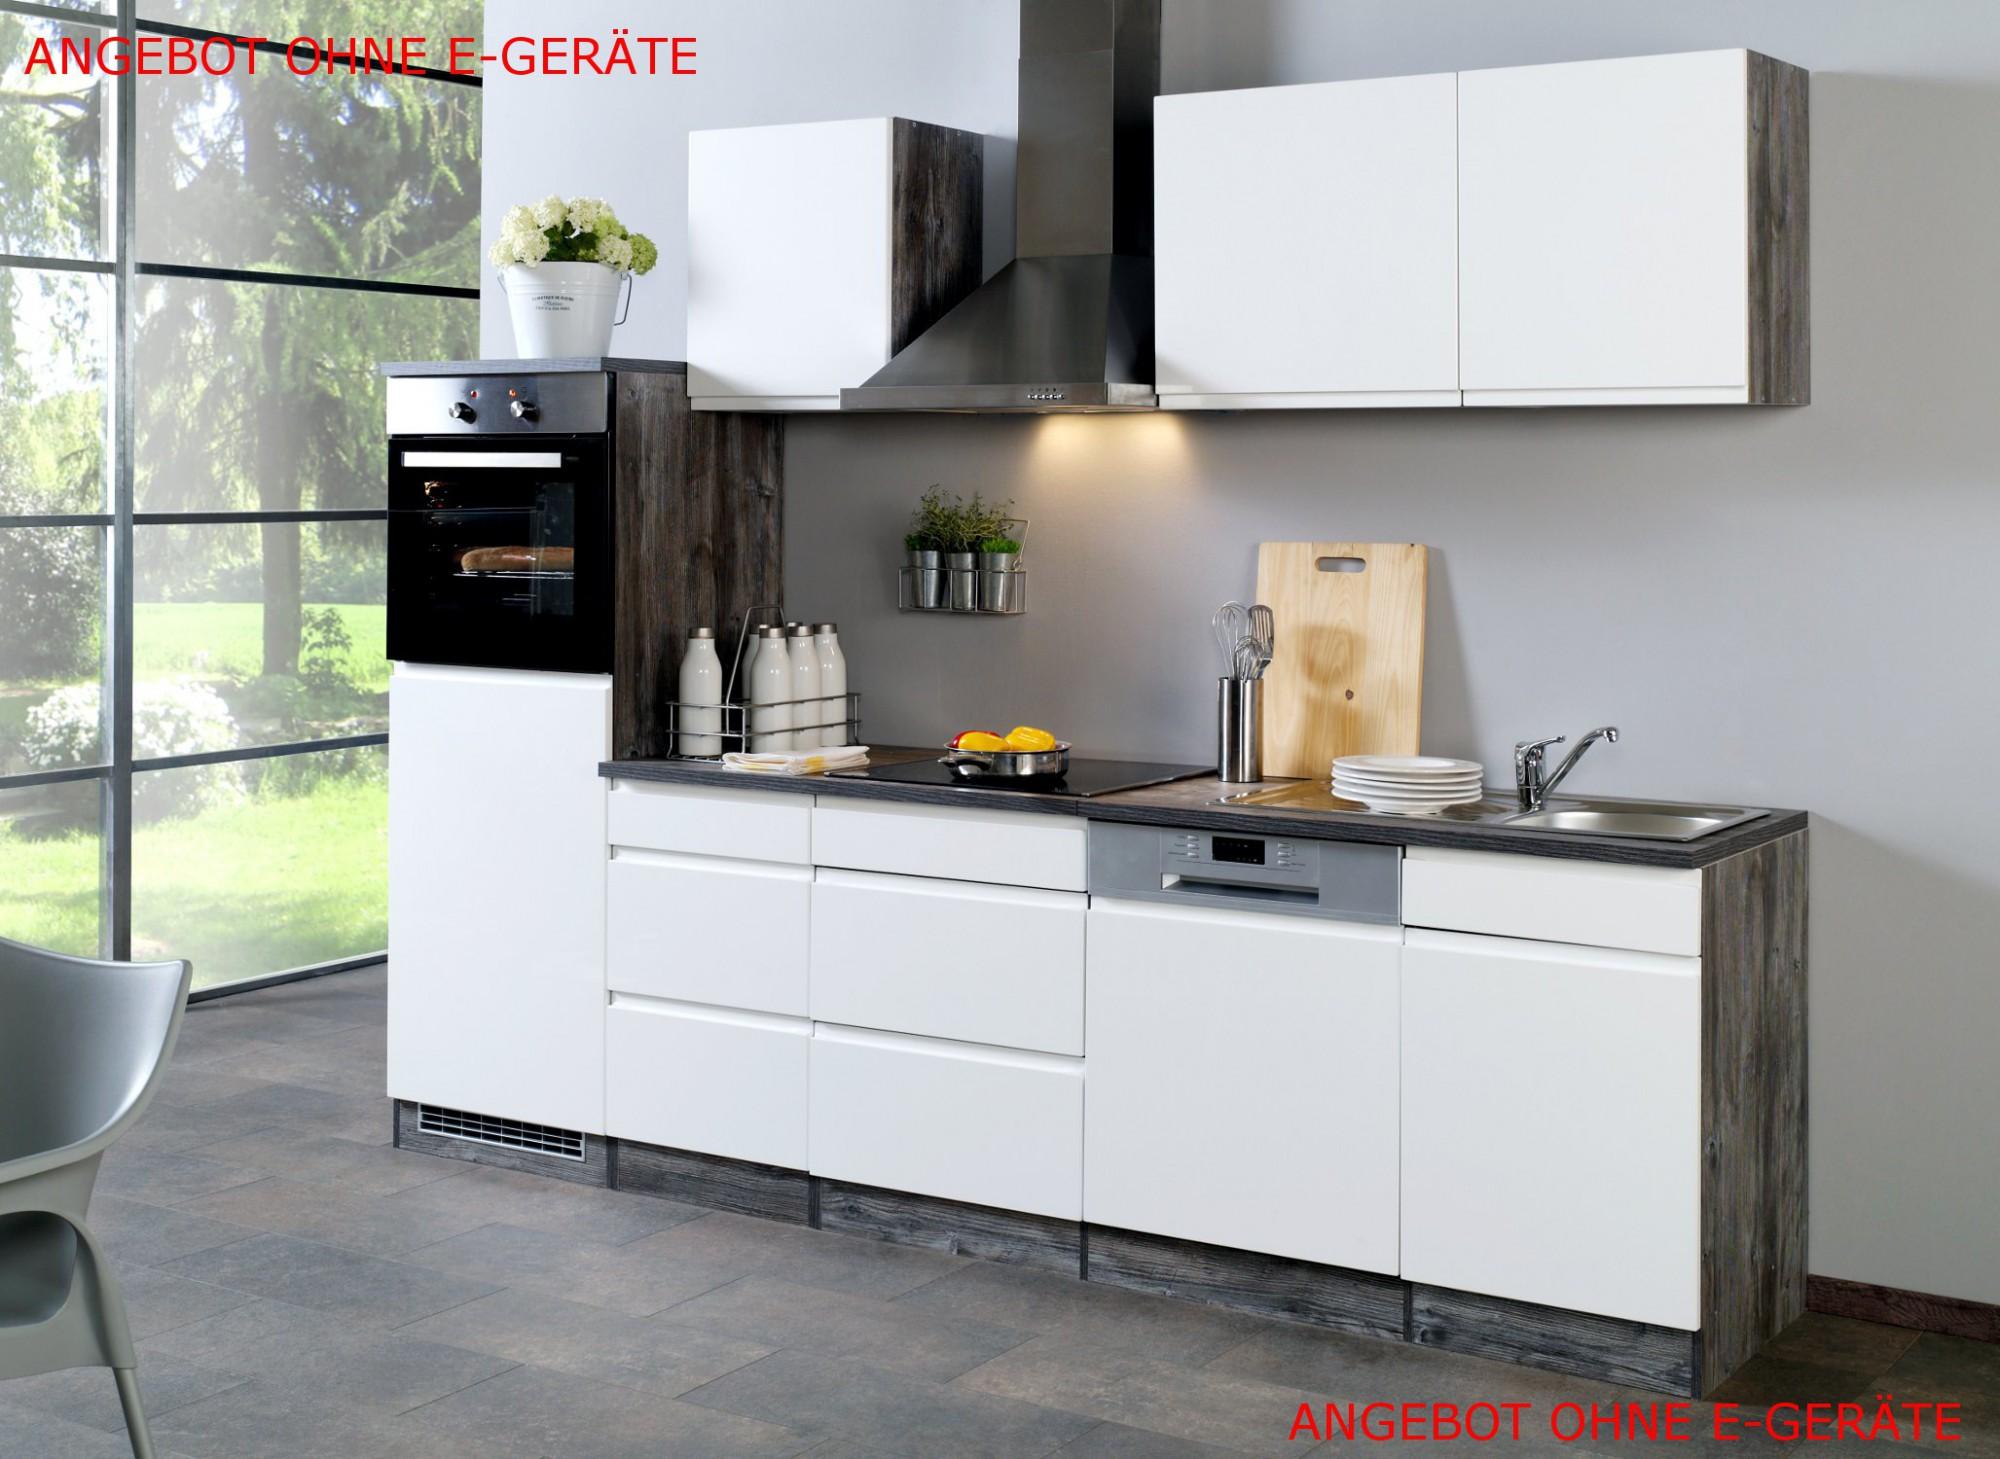 neu k chen leerblock k chenzeile cardiff k chenblock 280cm hochglanz wei. Black Bedroom Furniture Sets. Home Design Ideas